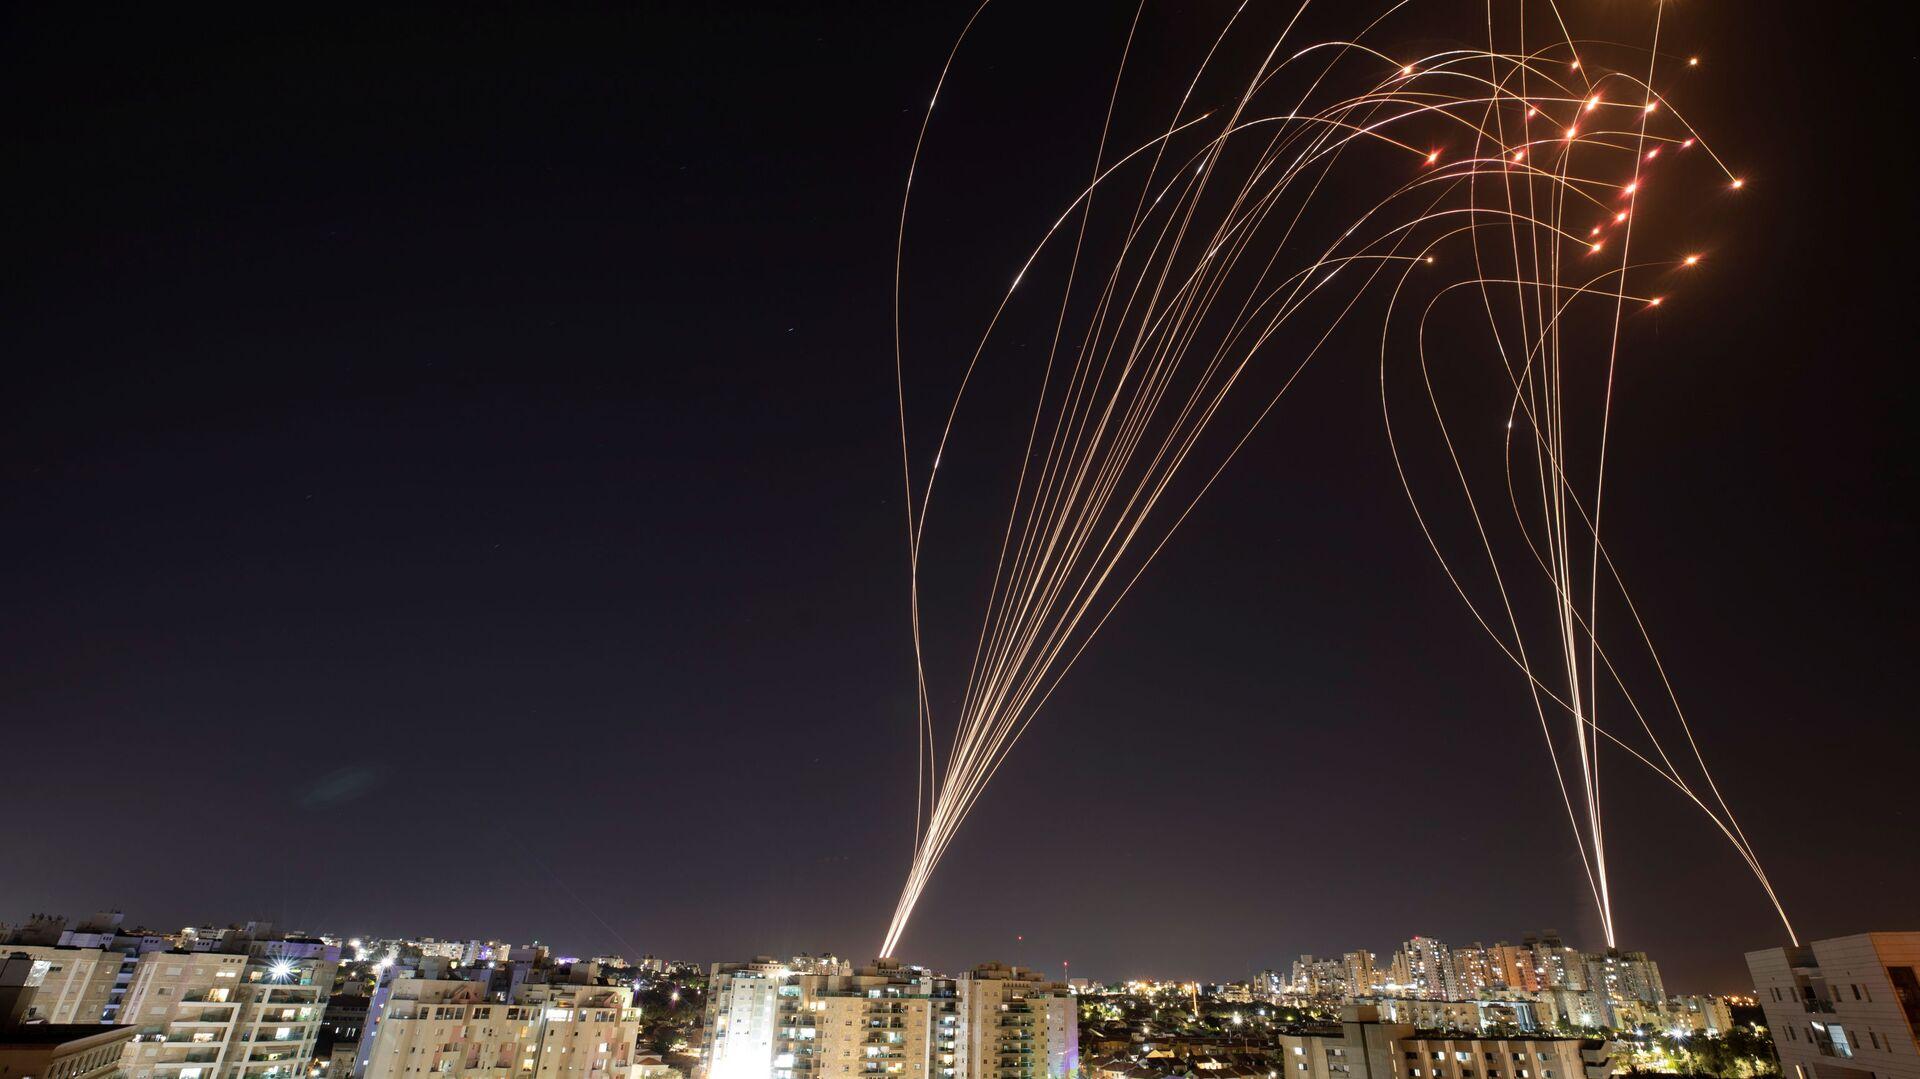 """Израелски систем ПРО """"Гвоздена купола"""" (Iron Dome) пресреће ракете, лансиране из сектора Газа у правцу Израела  - Sputnik Србија, 1920, 15.05.2021"""